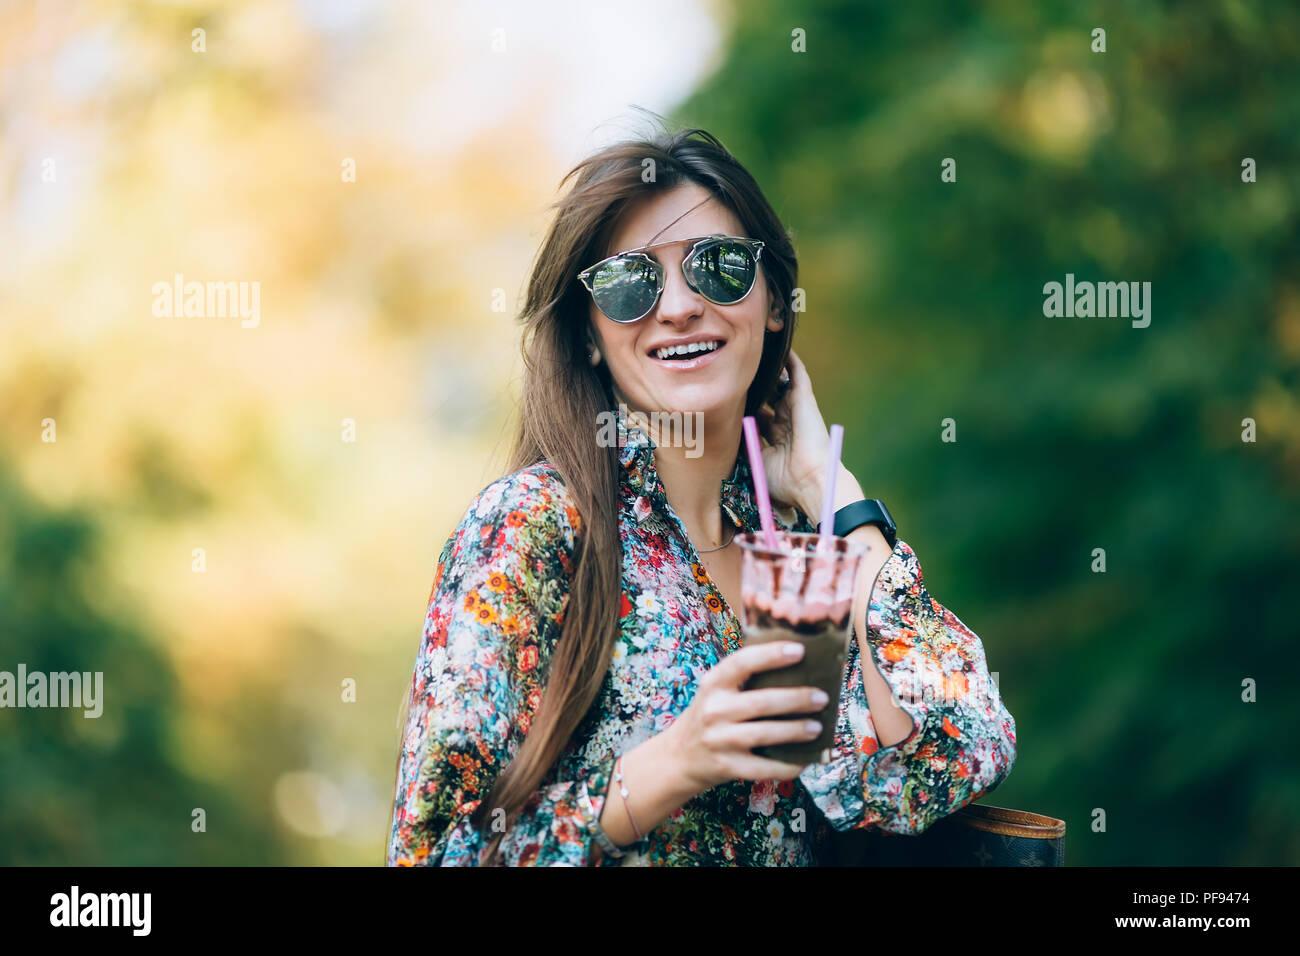 Giovane donna in occhiali da sole con il frullato. Outdoor Lifestyle autunno ritratto di bella donna sorridente. Immagini Stock